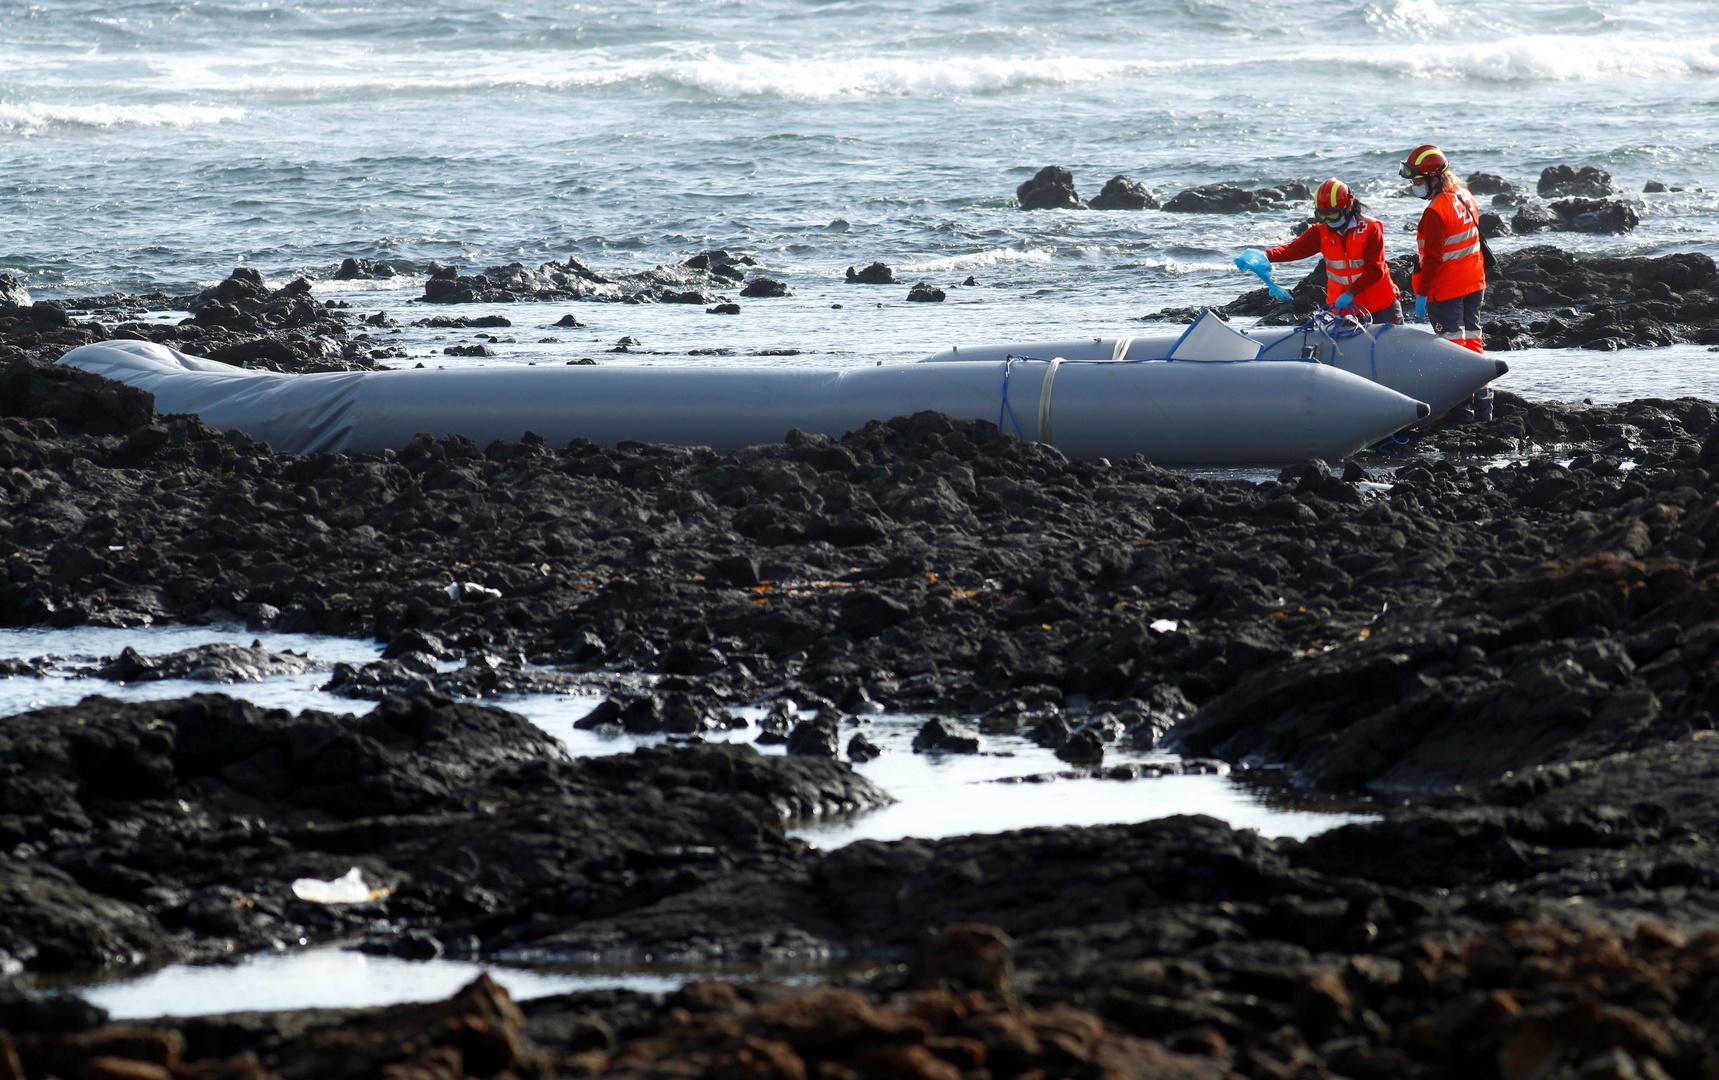 مصرع 3 أشخاص بانقلاب قارب مهاجرين قرب جزر كناري الإسبانية